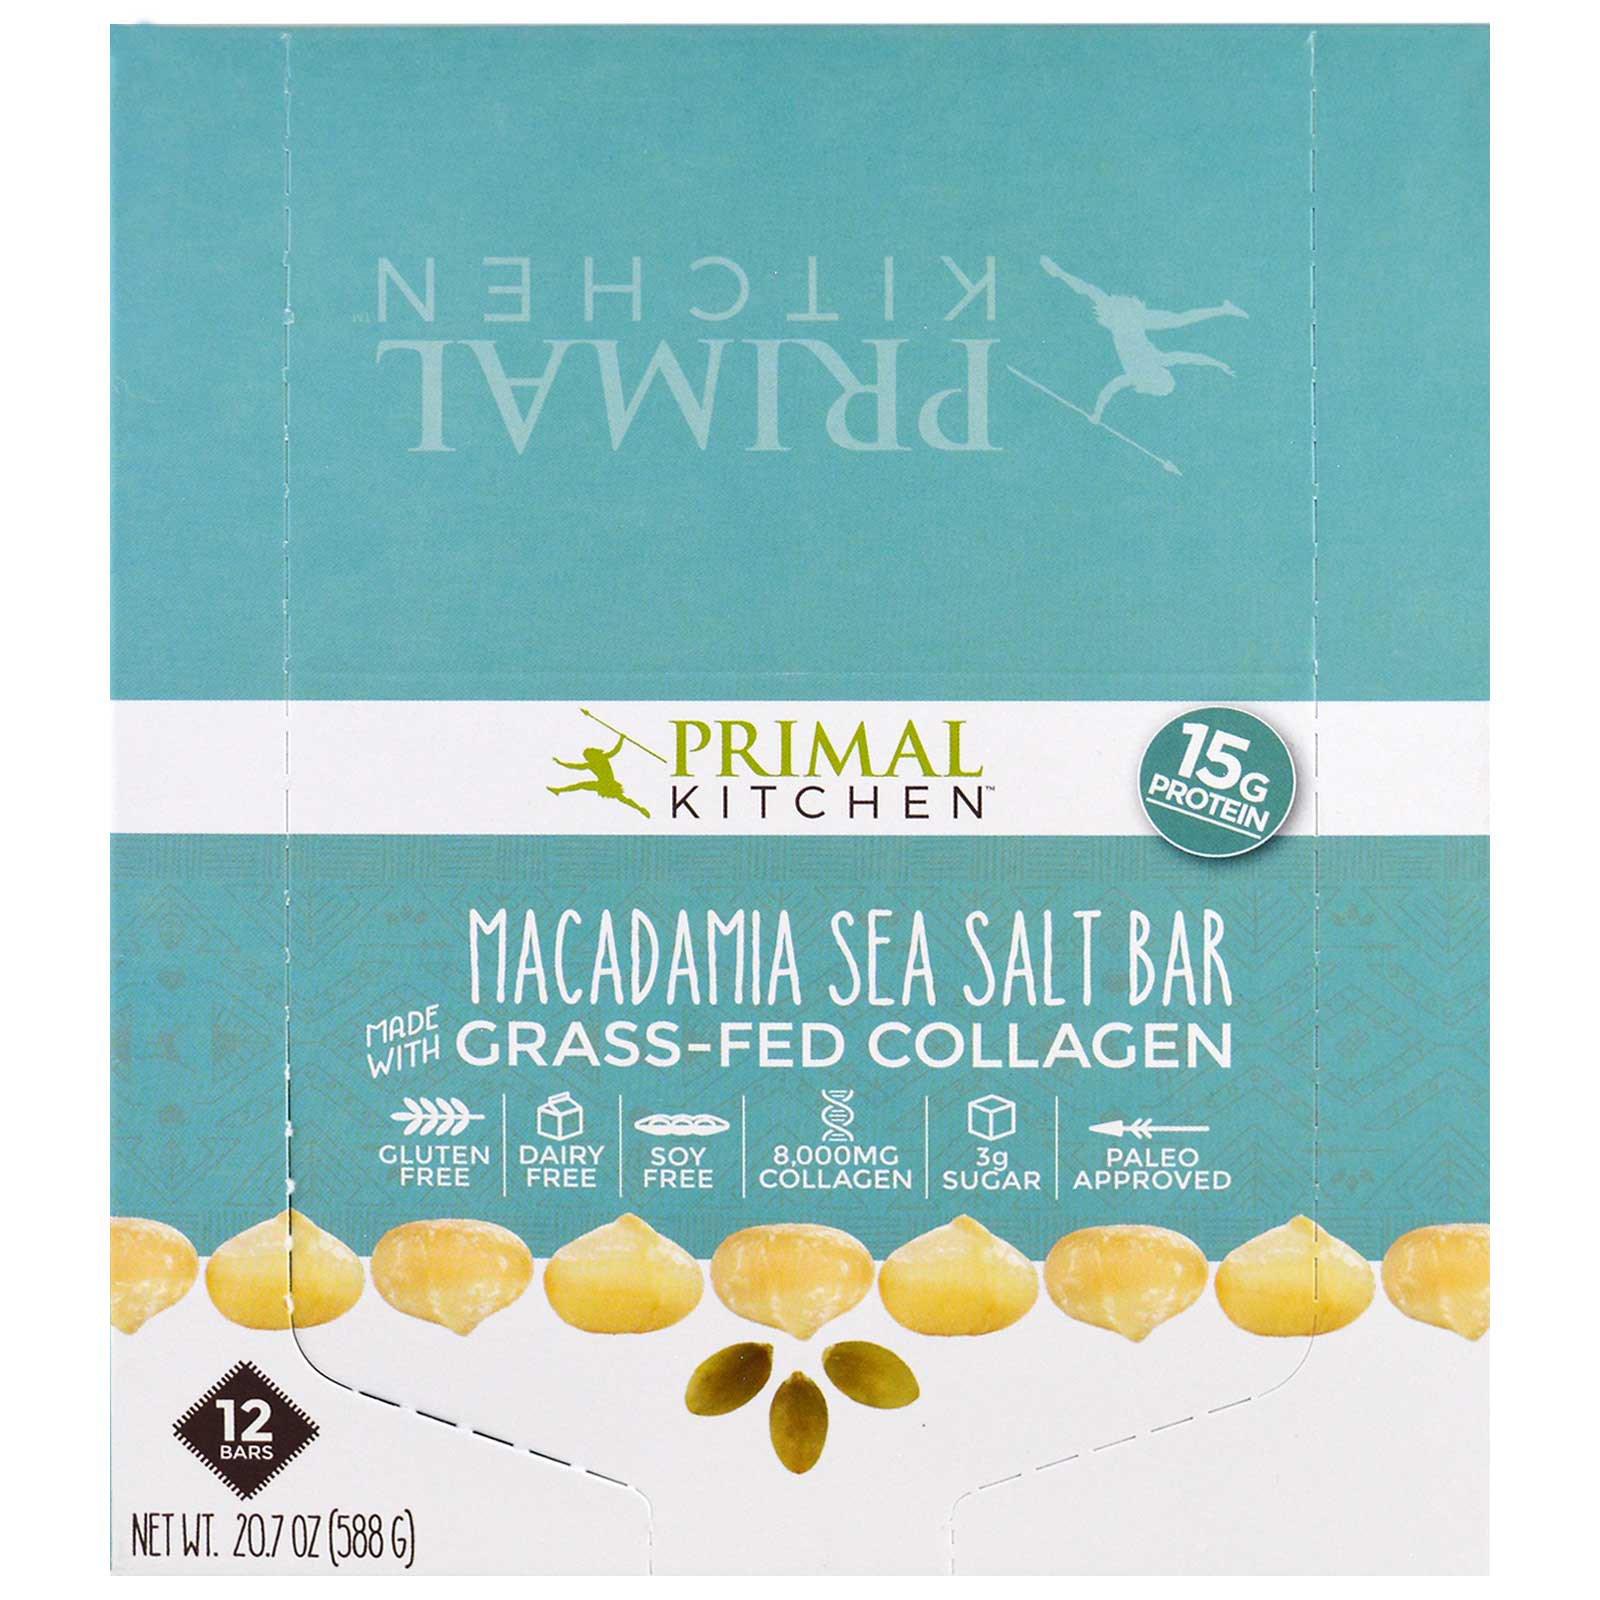 Primal Kitchen, Macadamia Sea Salt, Grass-Fed Collagen, 12 Bars, 1.7 ...